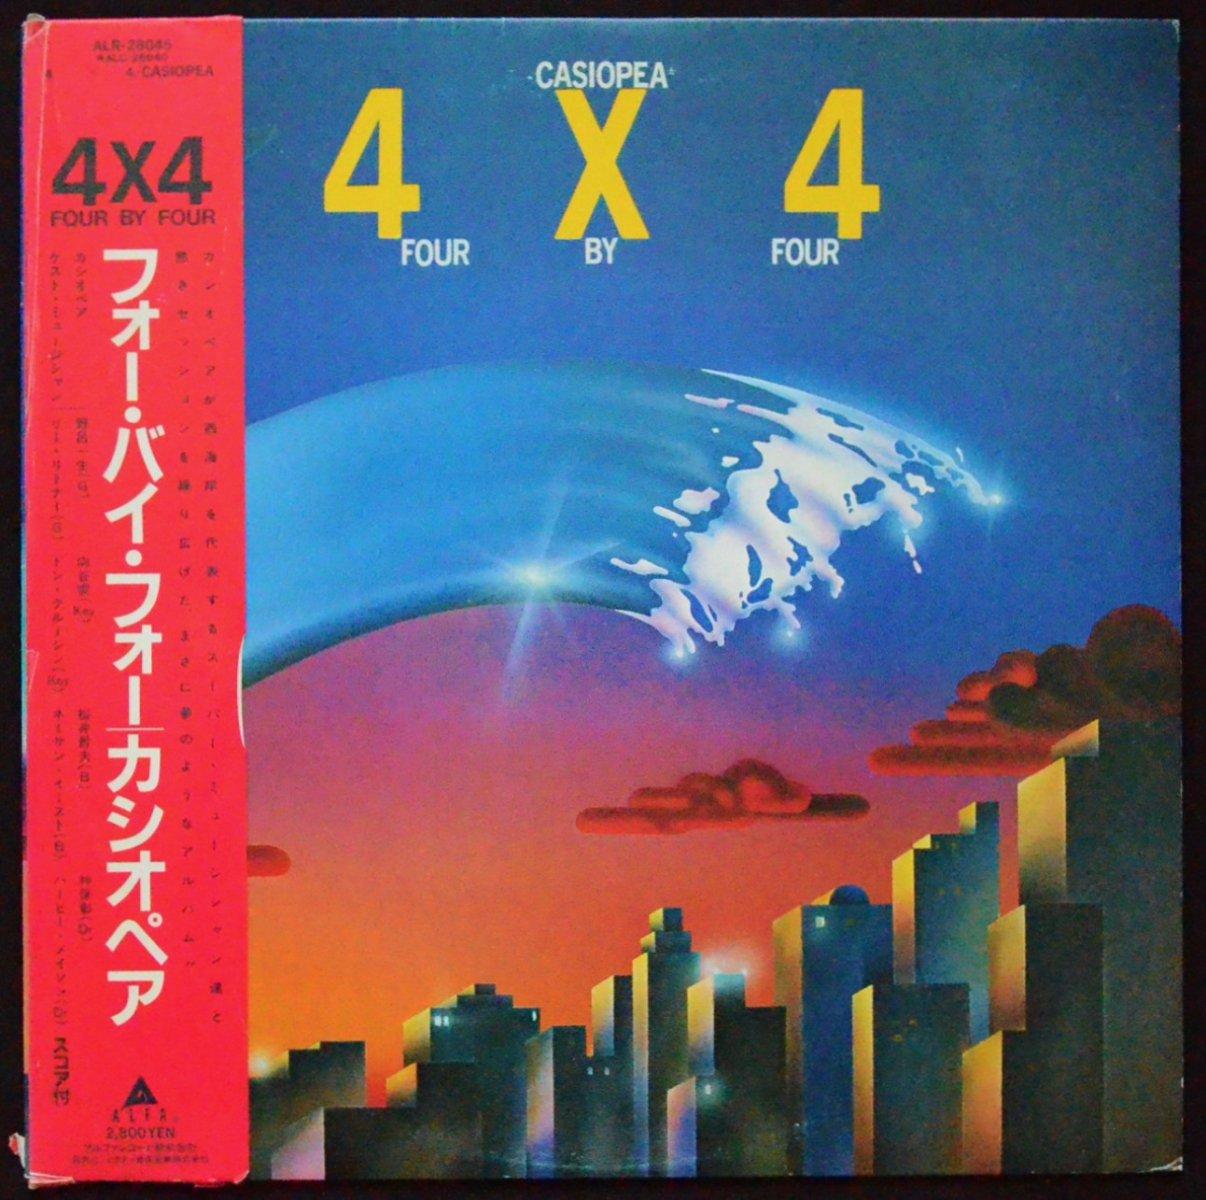 カシオペア CASIOPEA / フォー・バイ・フォー 4 × 4 (FOUR BY FOUR) (LP)